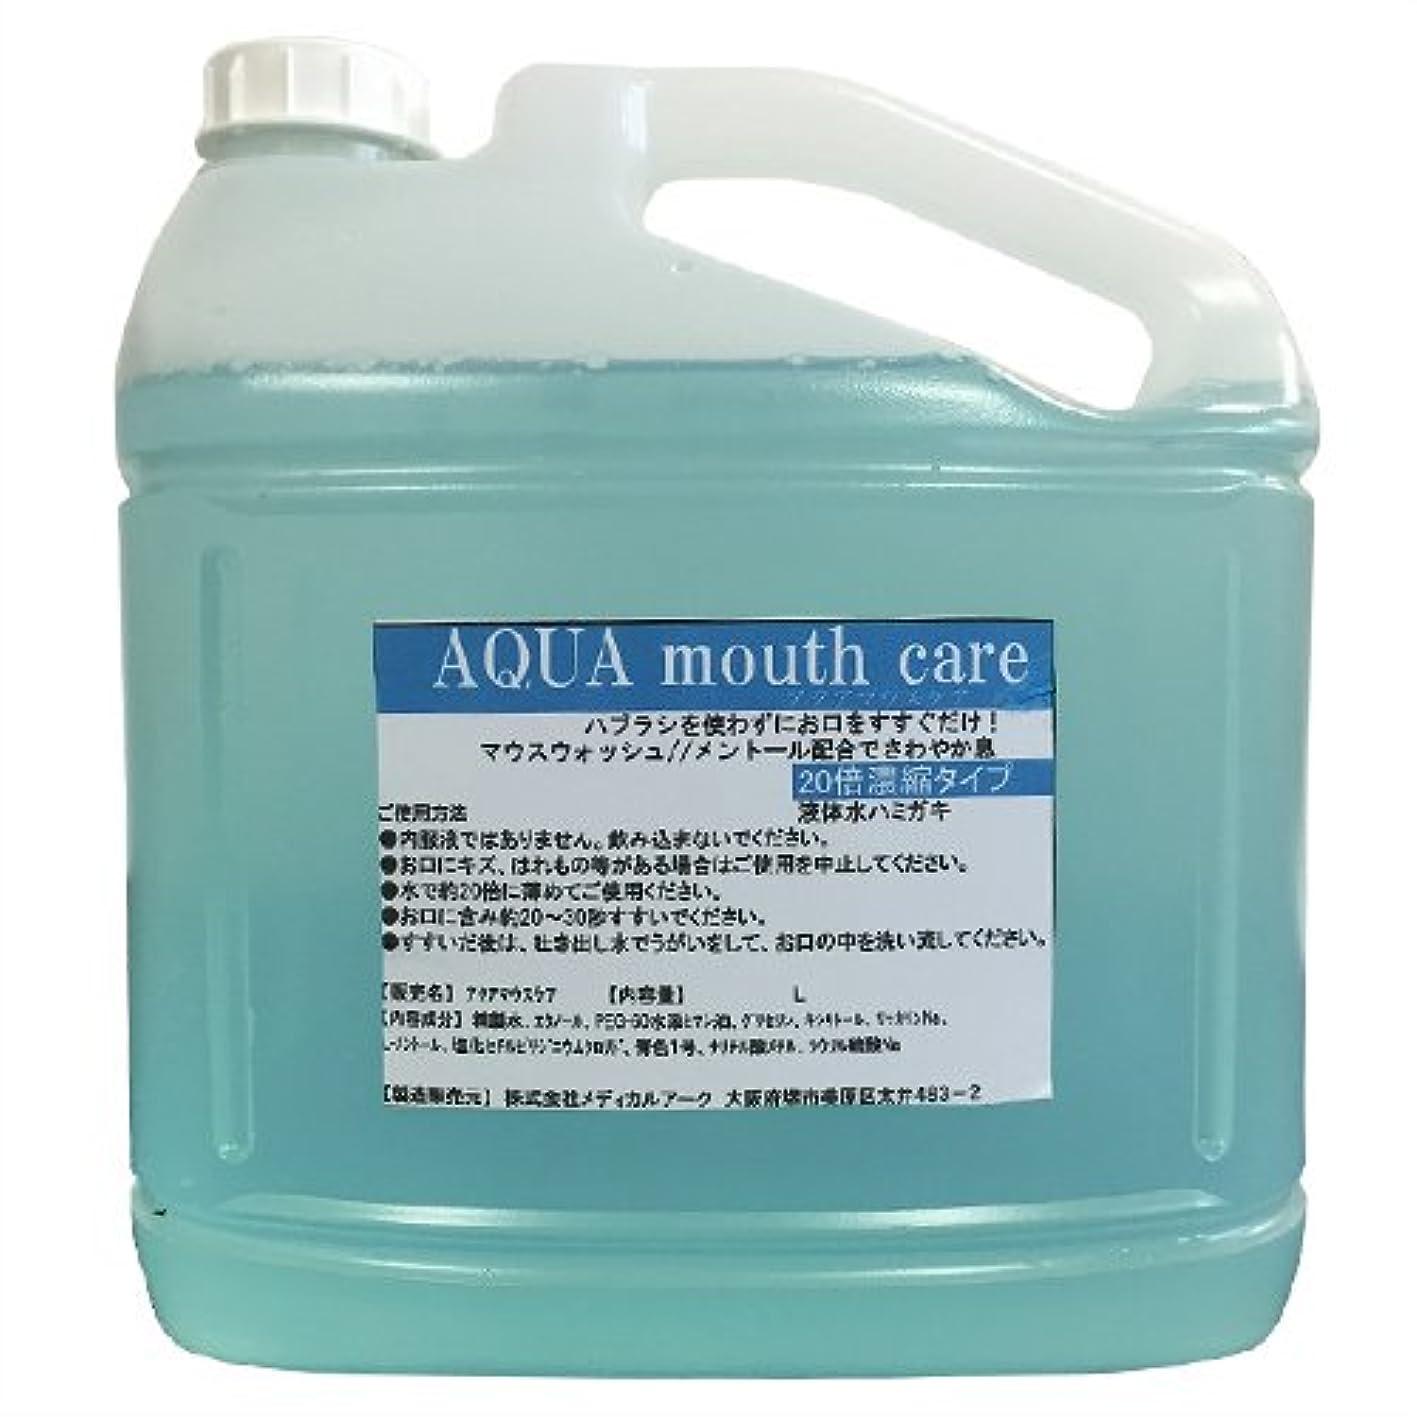 高架エラー置き場業務用洗口液 マウスウォッシュ アクアマウスケア (AQUA mouth care) 20倍濃縮タイプ 5L (詰め替えコック付き)